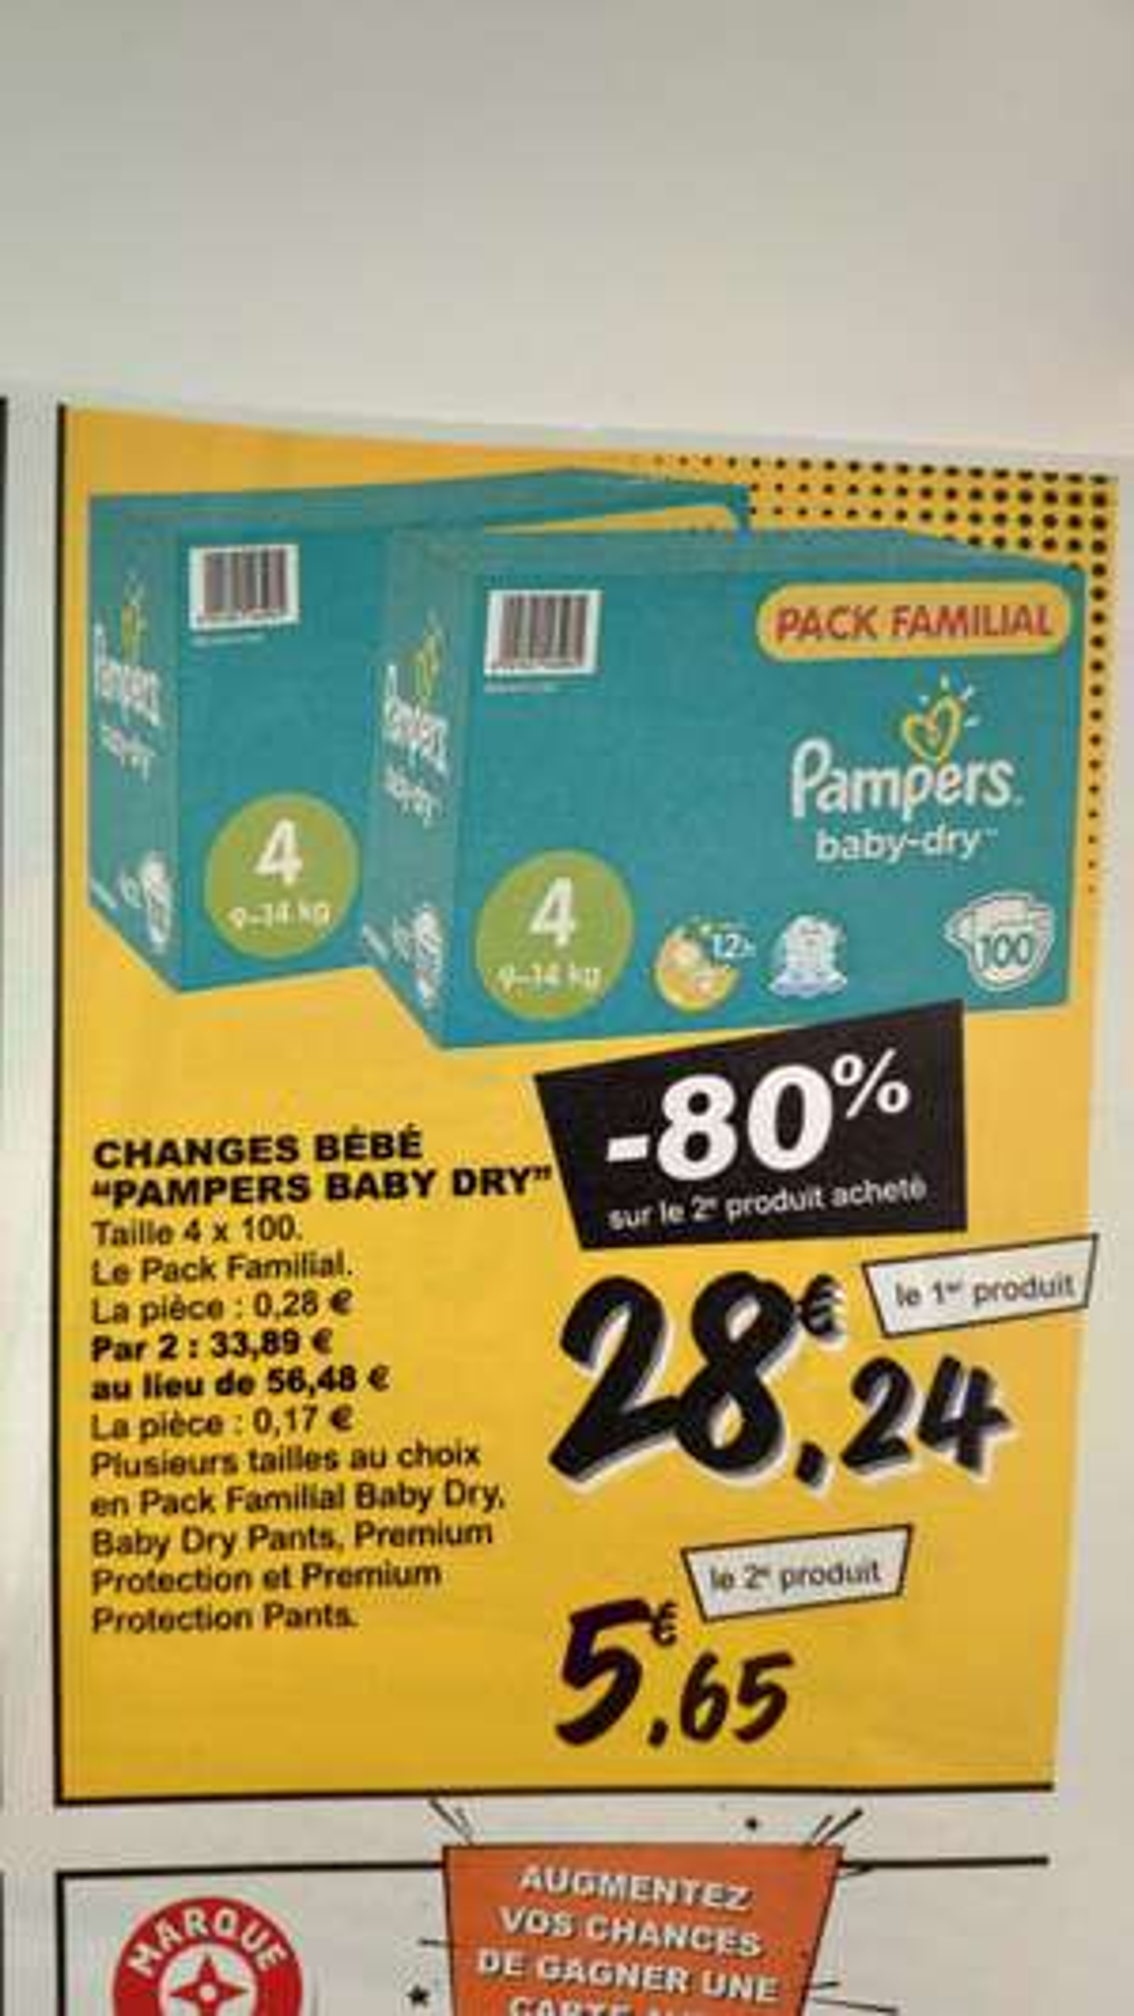 Lot de 2 boites de couches Pampers Baby-Dry - Différente tailles et modèles